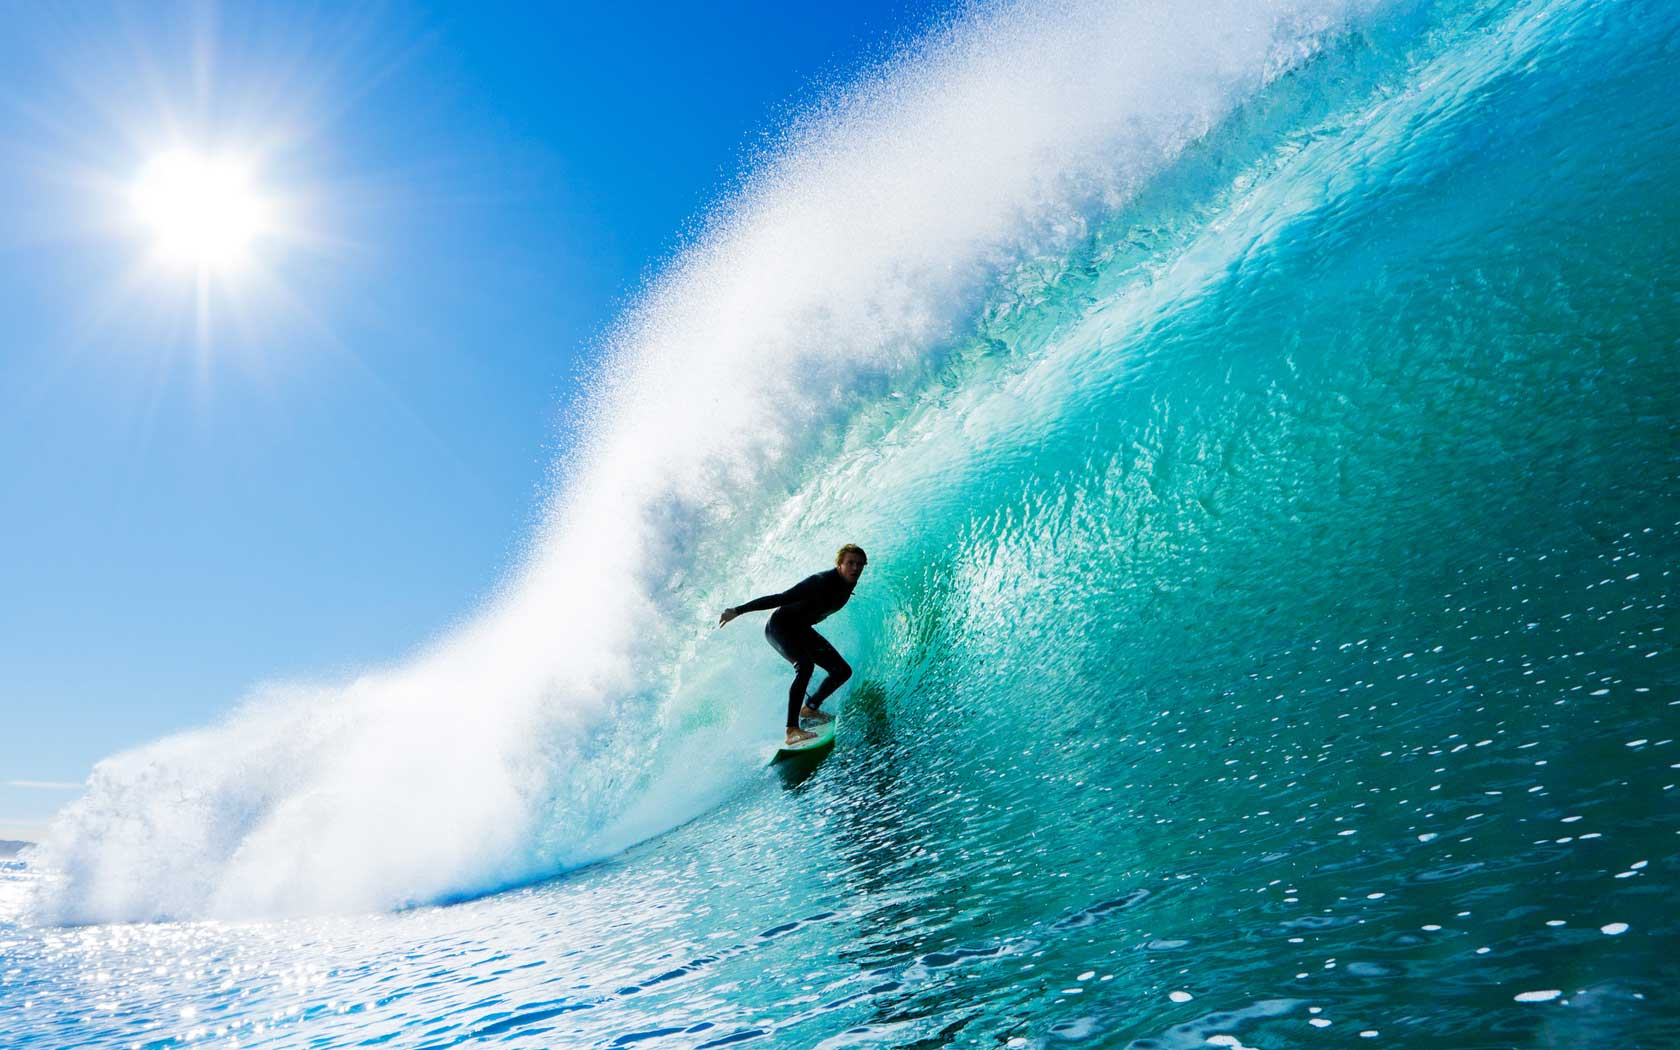 Surfen: alle do's en don'ts op een rij